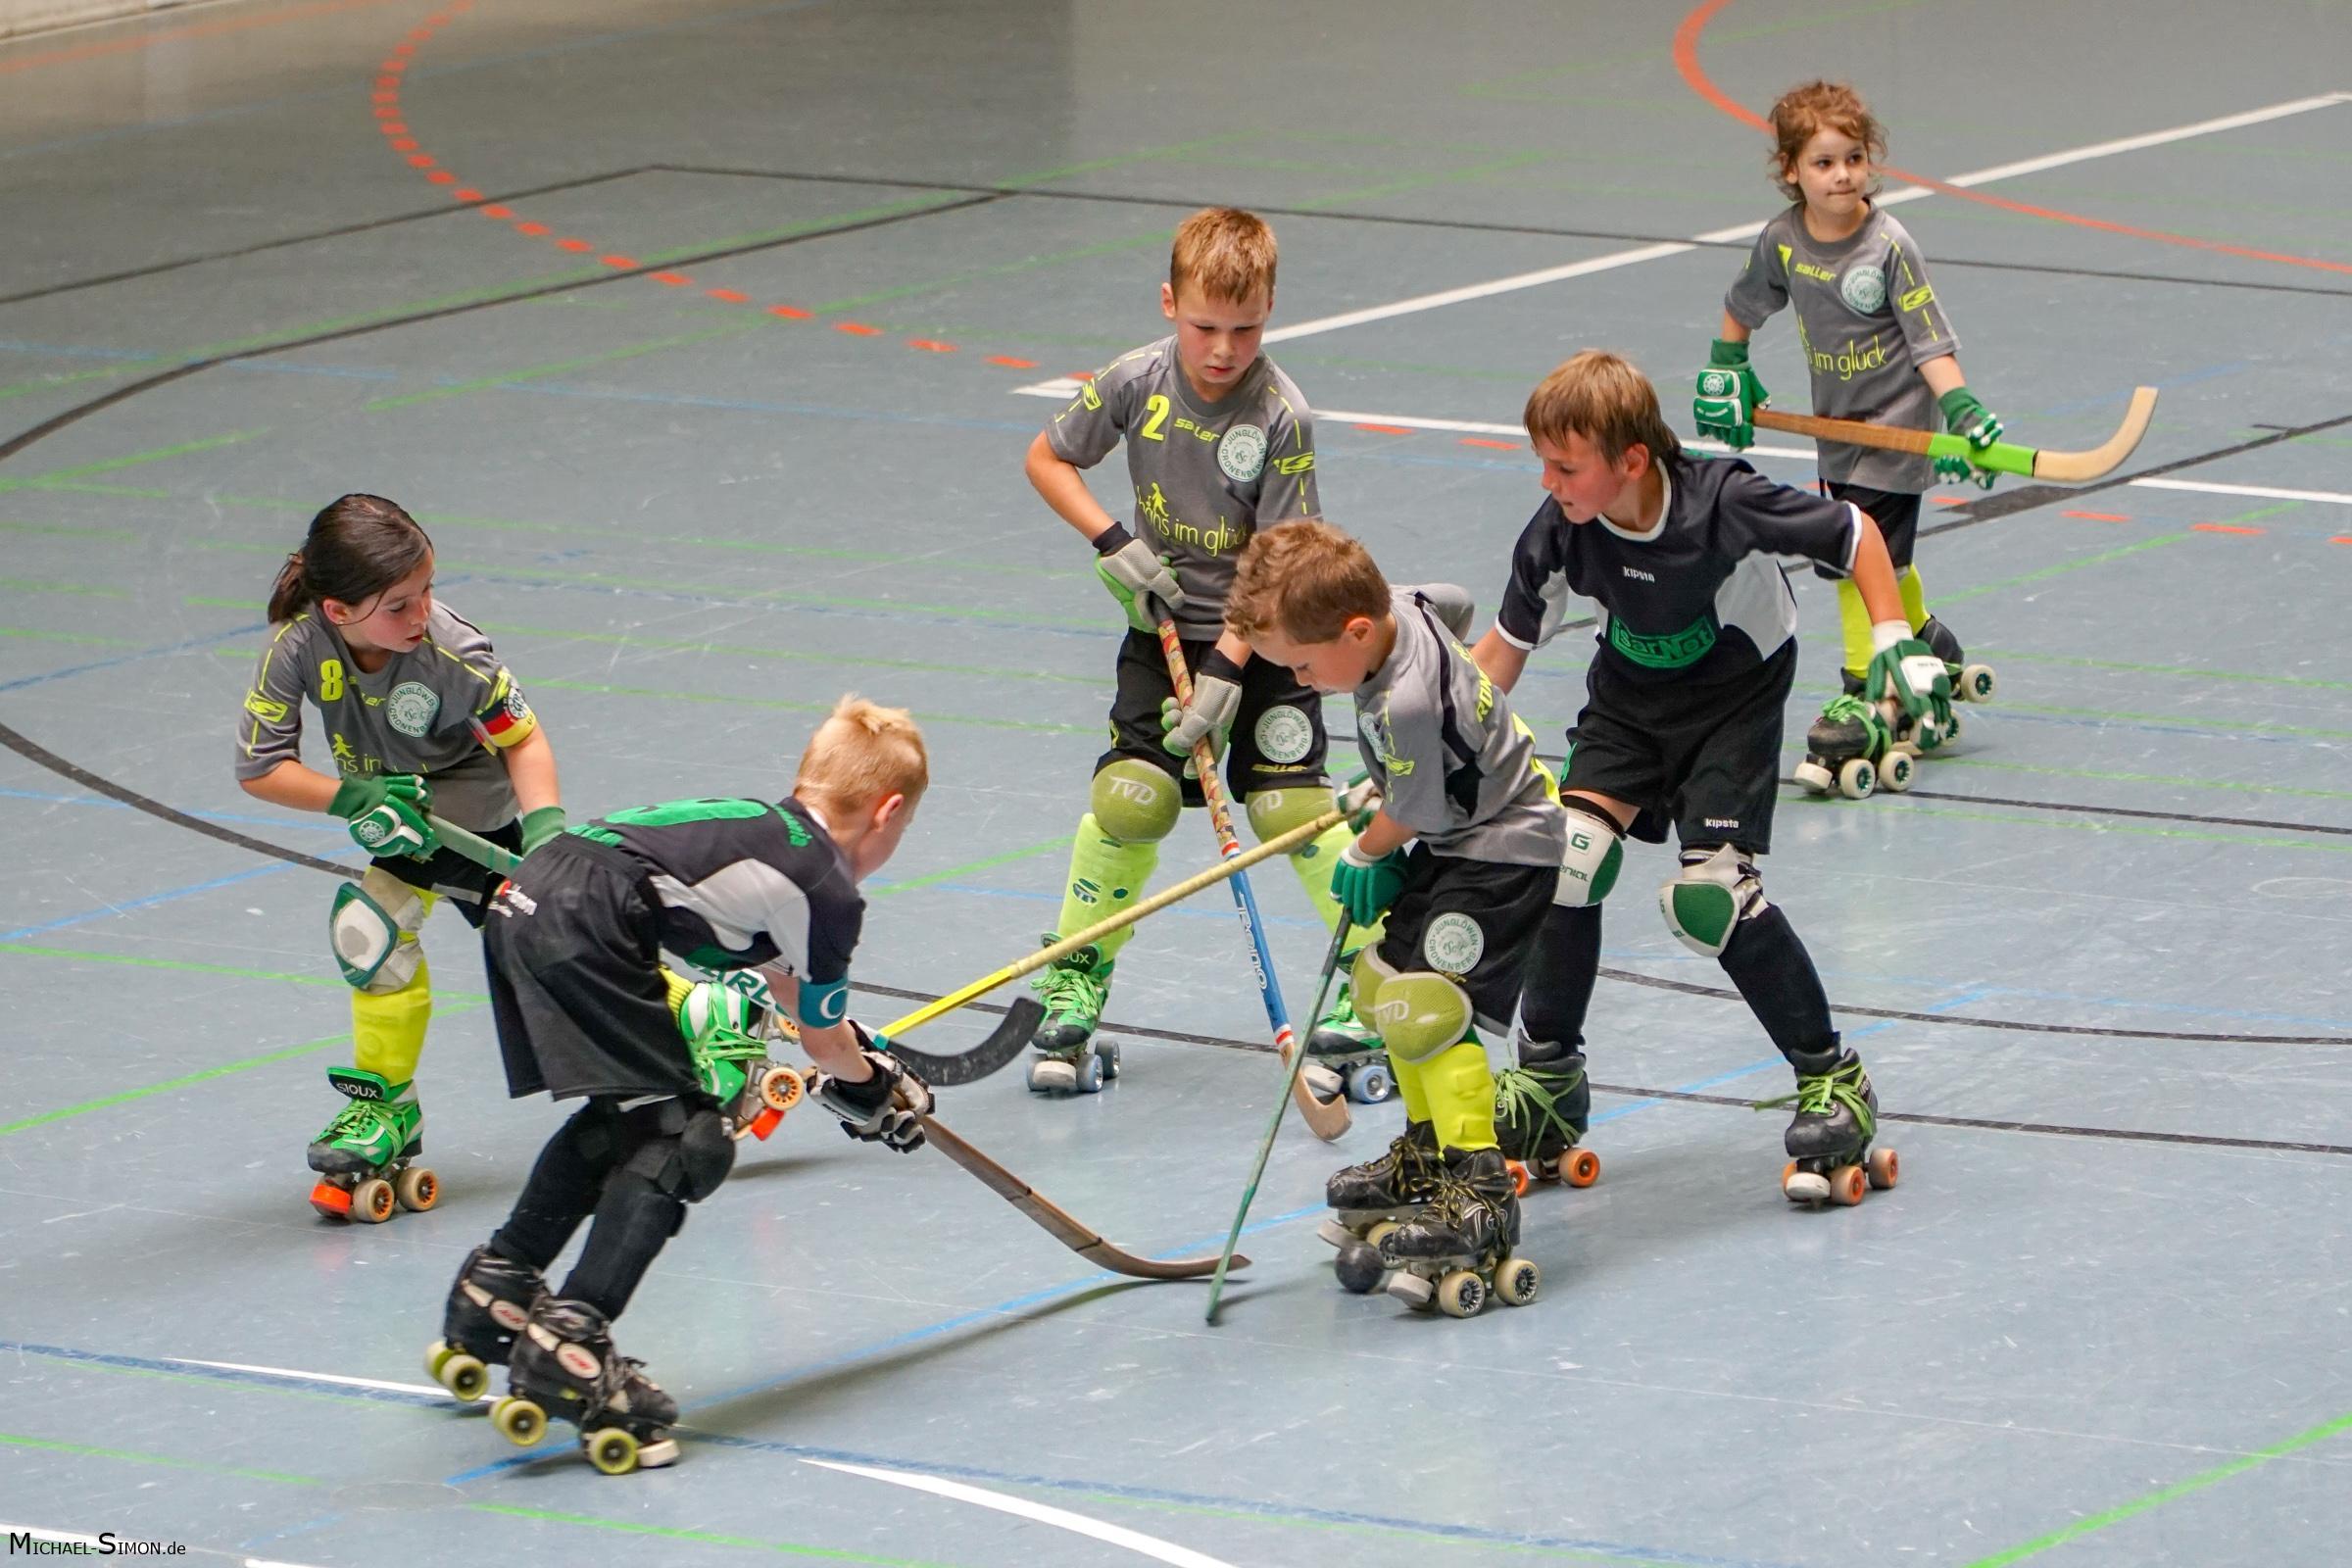 RSC Cronenberg Rollhockey Spieltag U9 02.07.2017